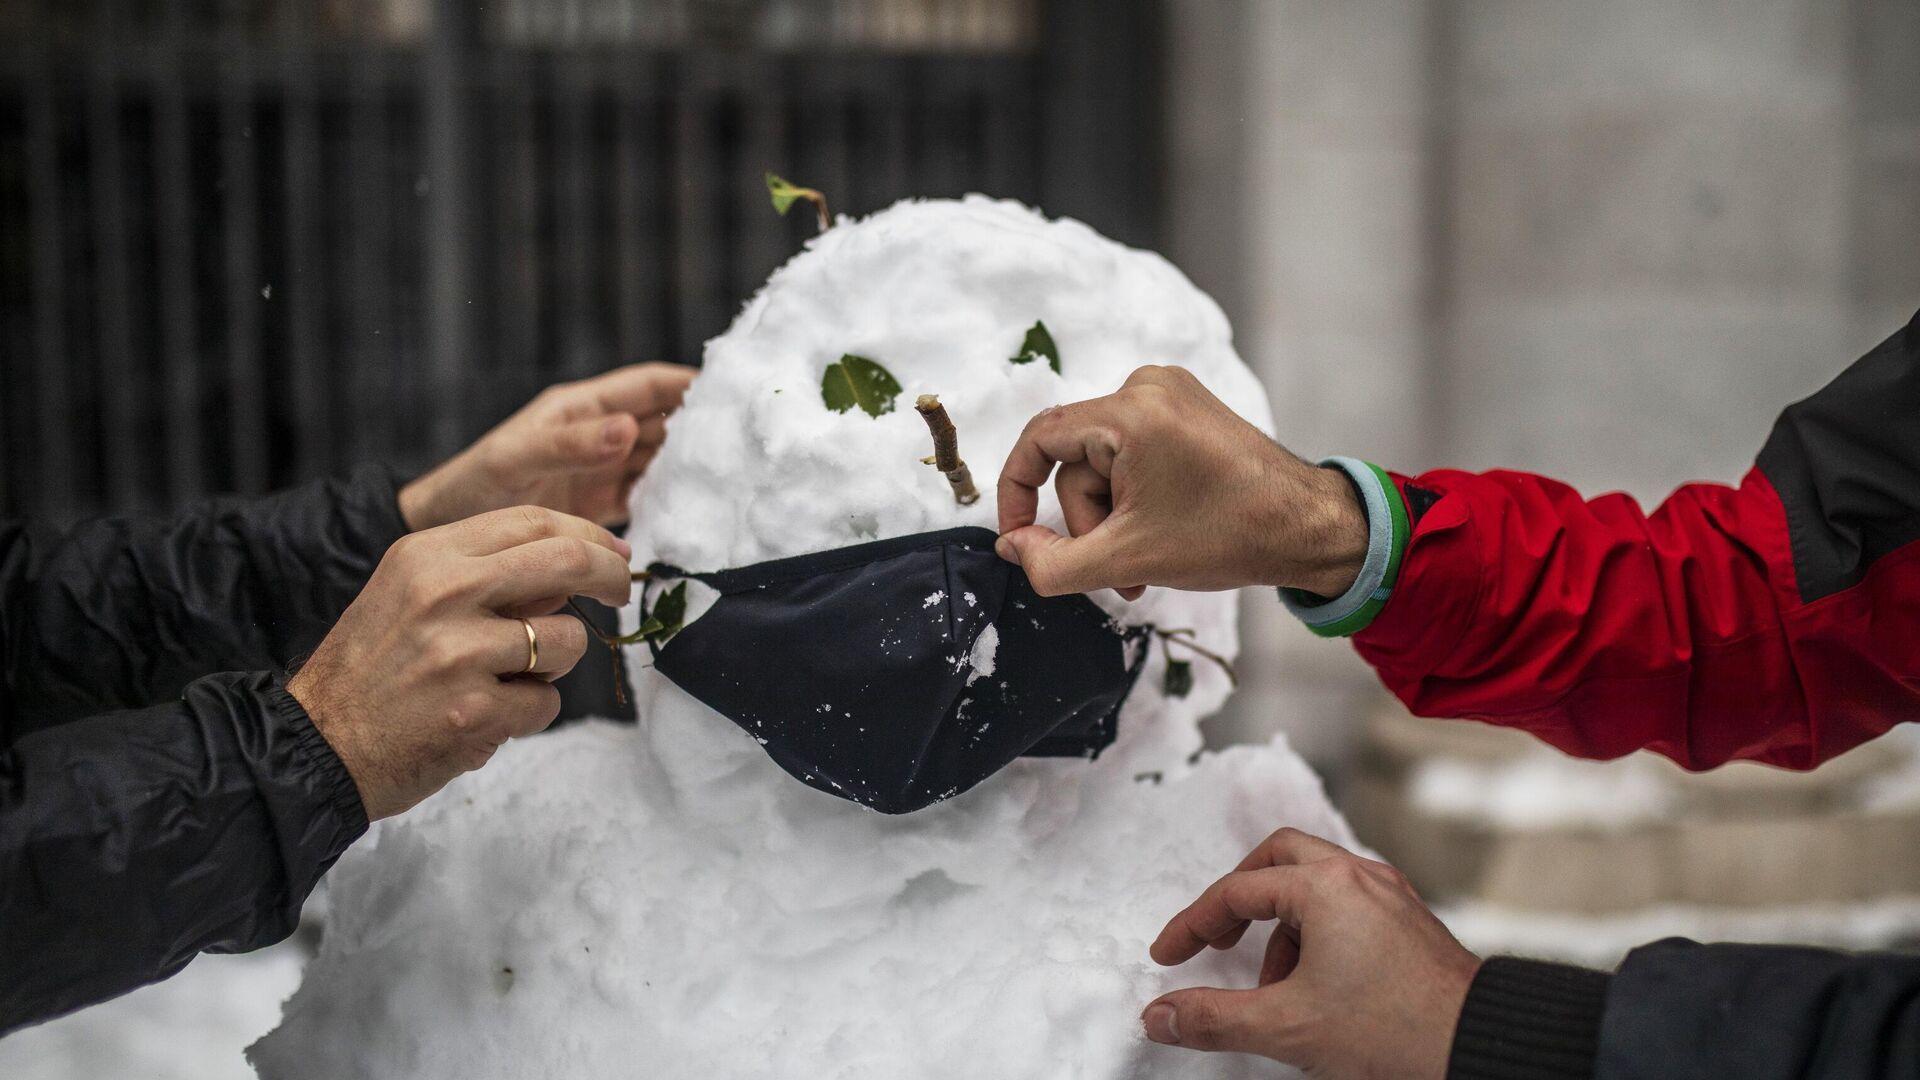 Люди надевают маску на слепленного снеговика на одной из улиц в Мадриде - РИА Новости, 1920, 02.02.2021